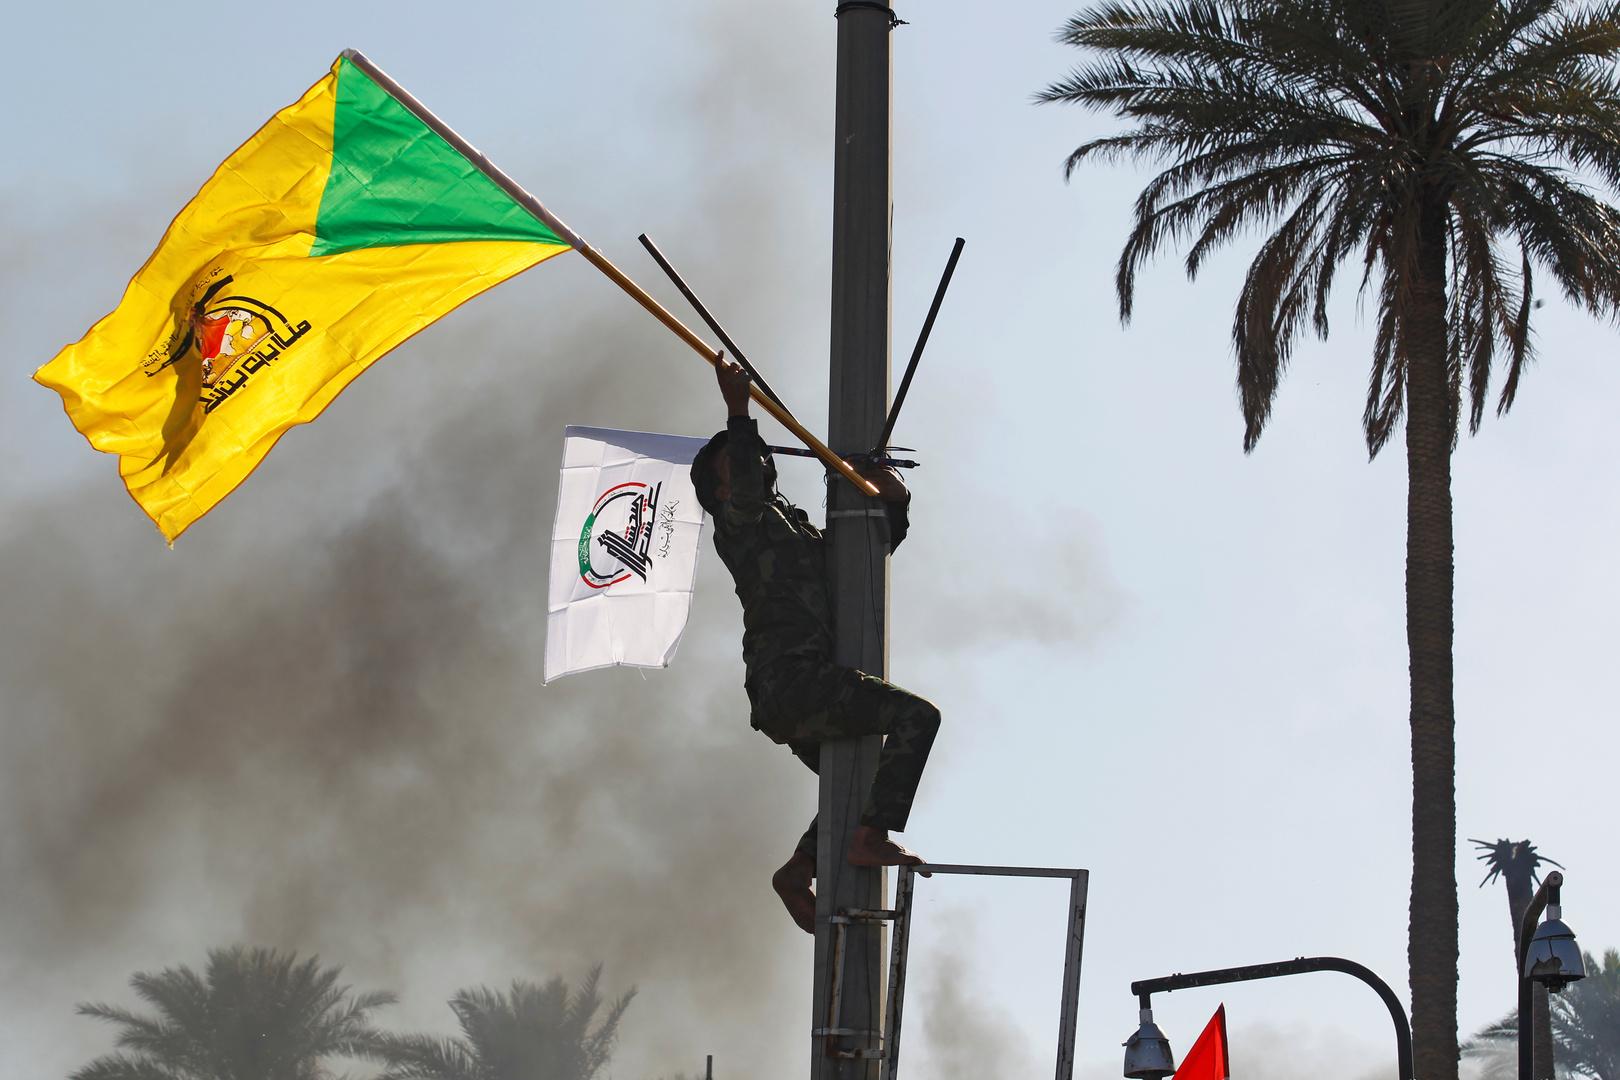 راية حزب الله العراقي خلال أحداث السفارة الأمريكية في بغداد، يناير 2019